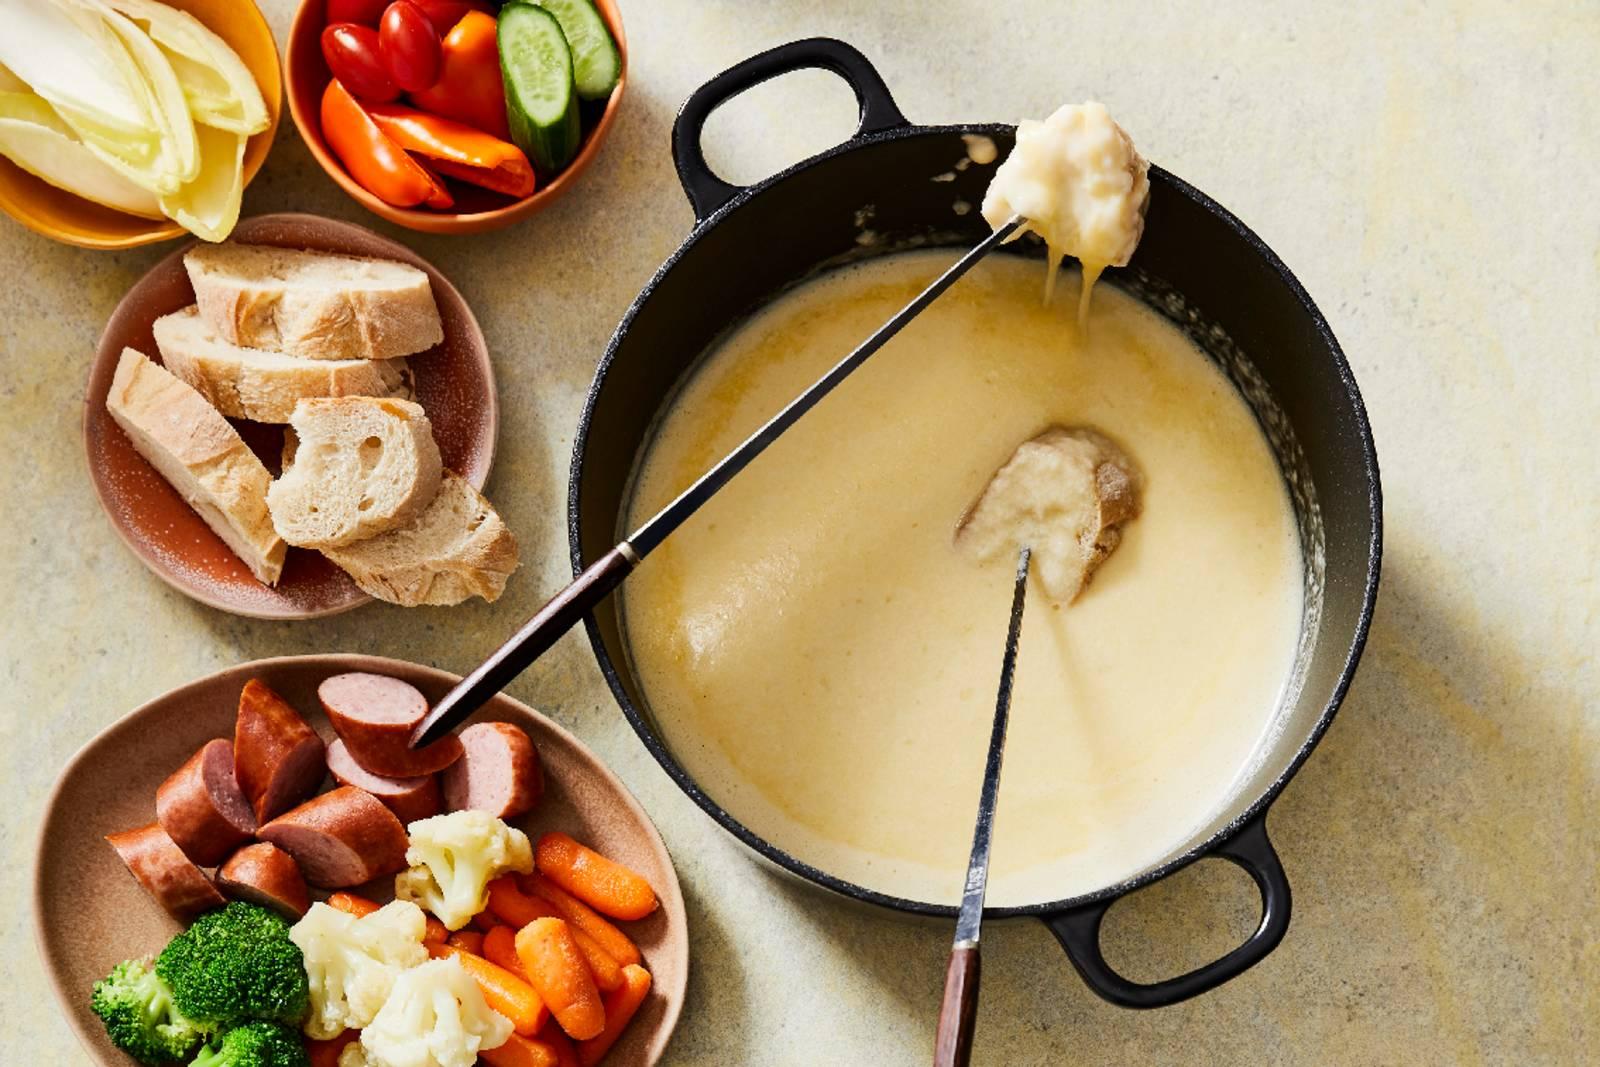 Recept van de maand: Glutenvrije Zaanse kaasfondue